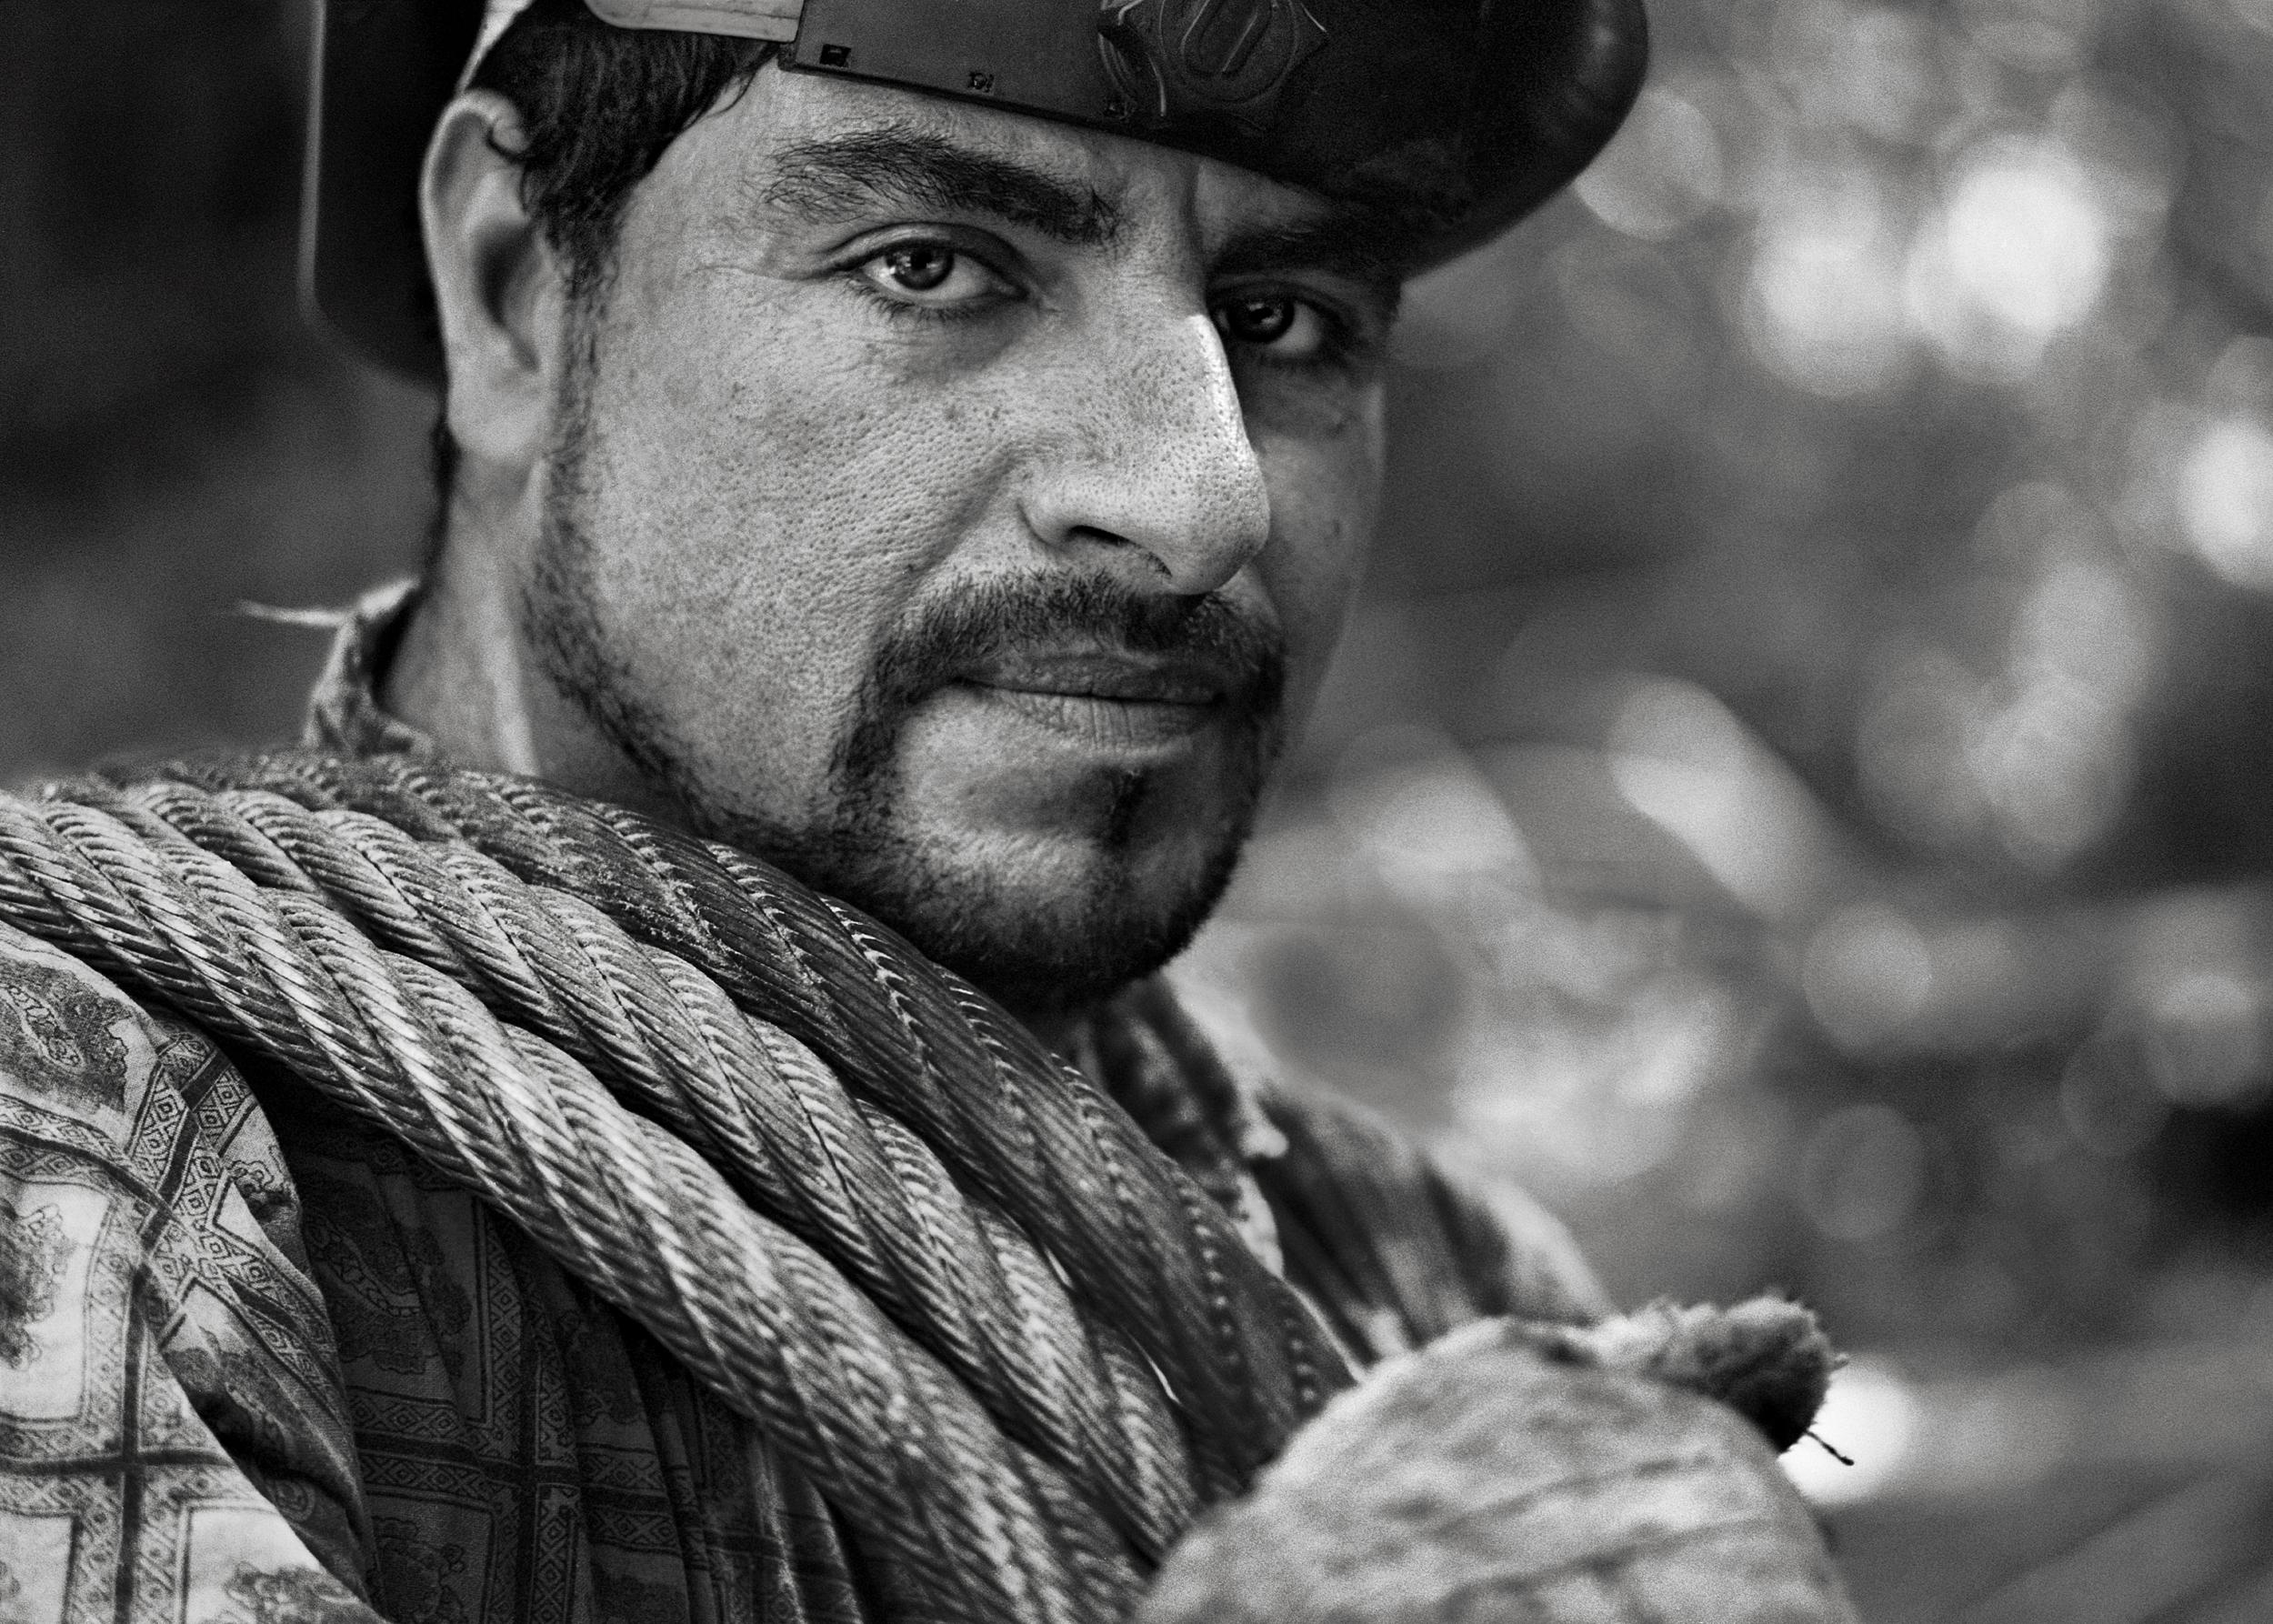 Raul Mora Avalos, Hook Tender, Fort Bragg, CA 2004